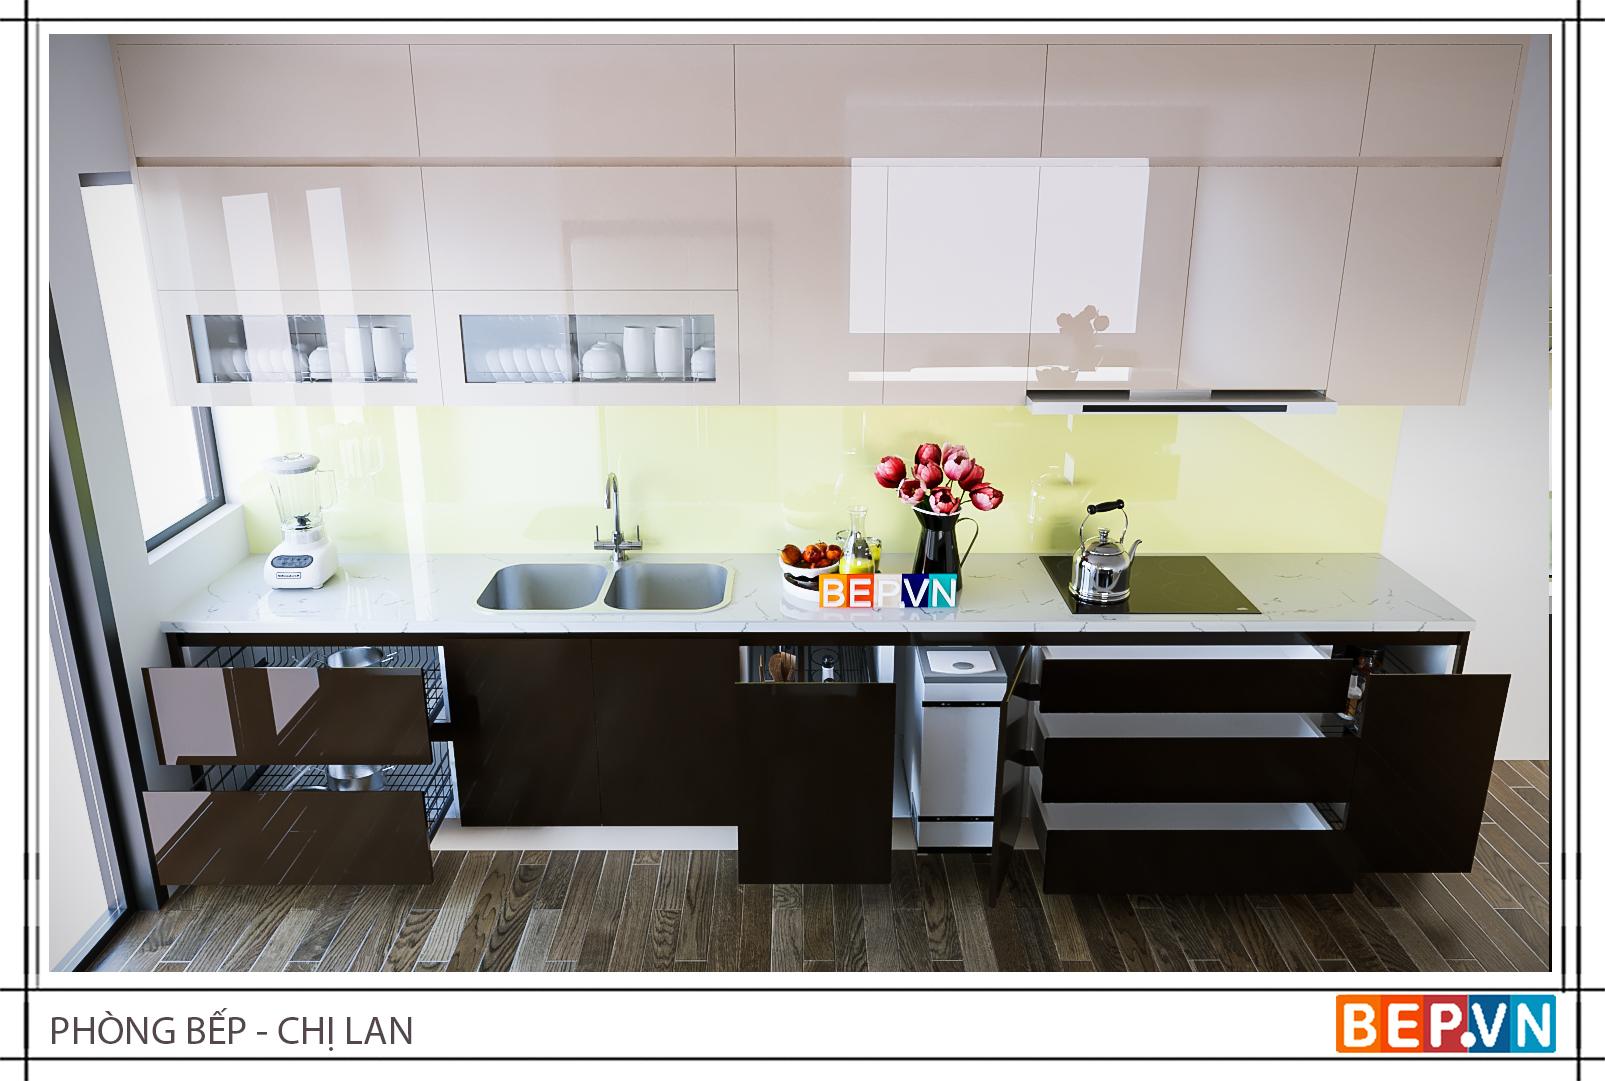 Thiết kế tủ bếp chữ i đẹp hiện đại gia đình chị Lan